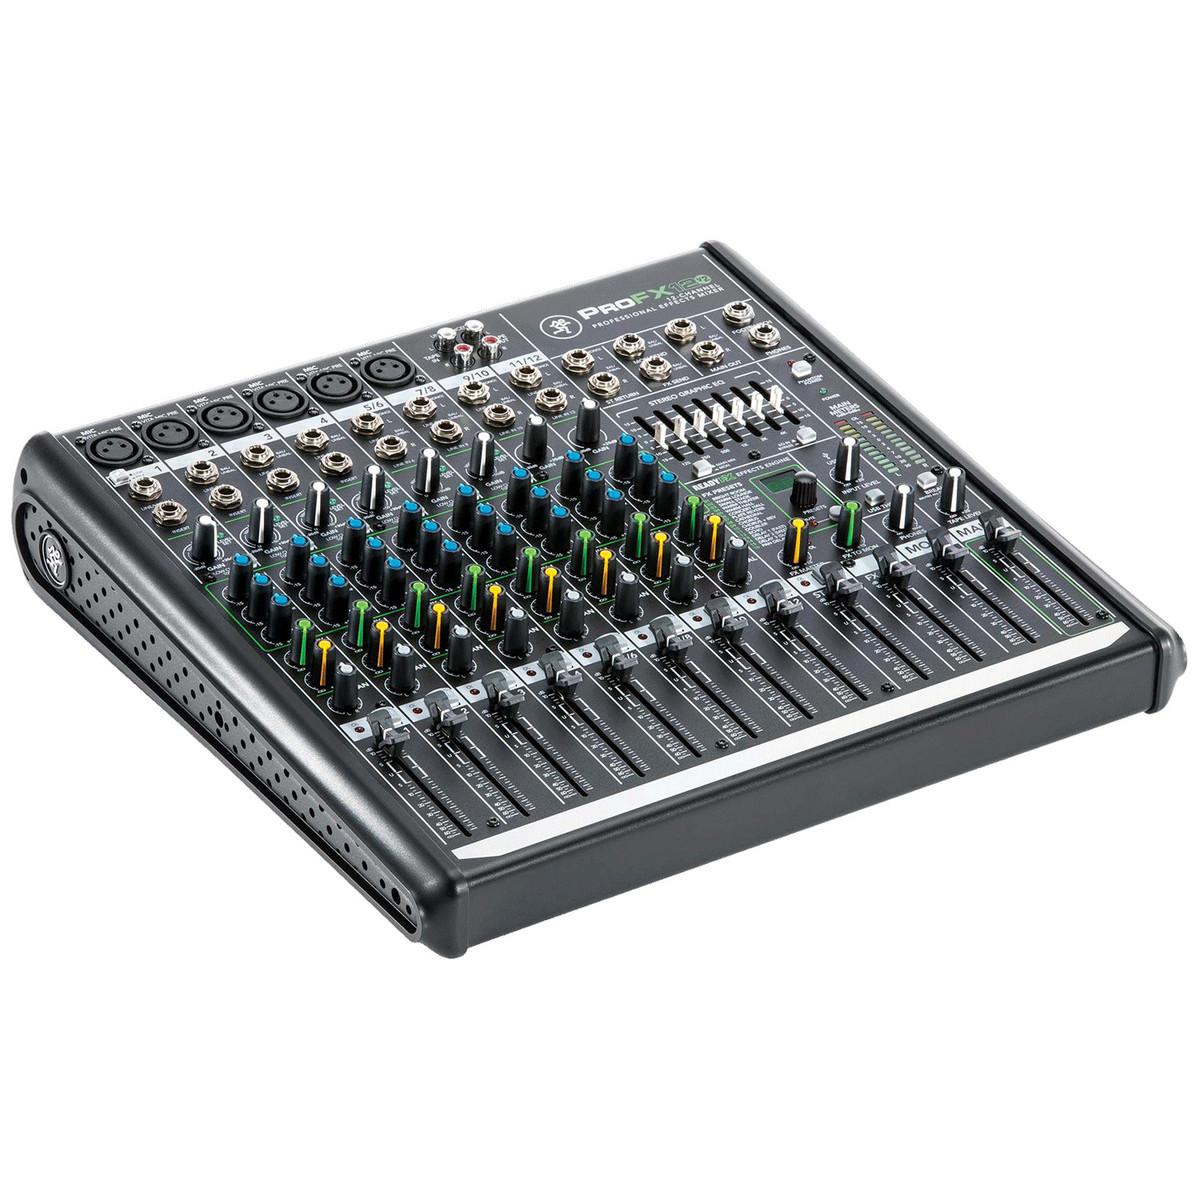 Yamaha Mixing Board Manual